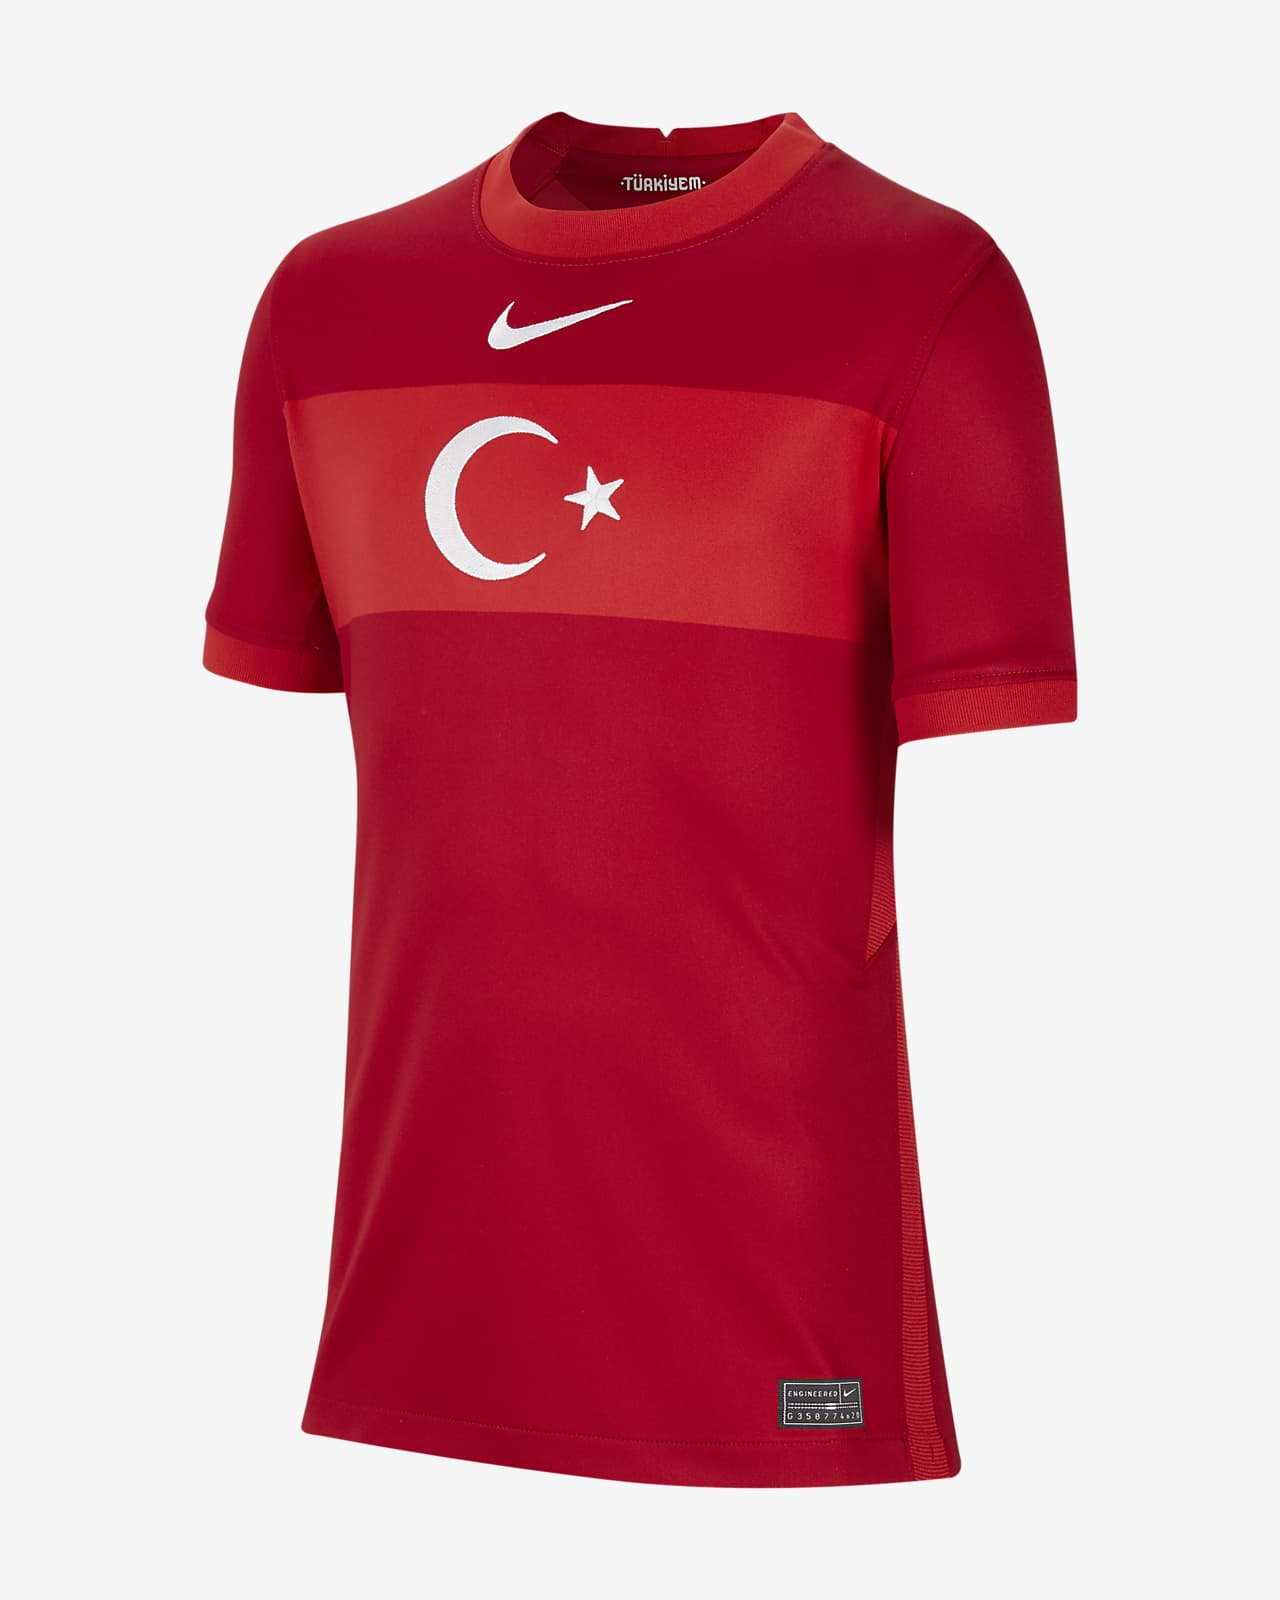 Maglia da calcio Turchia 2020 Stadium per ragazzi - Away